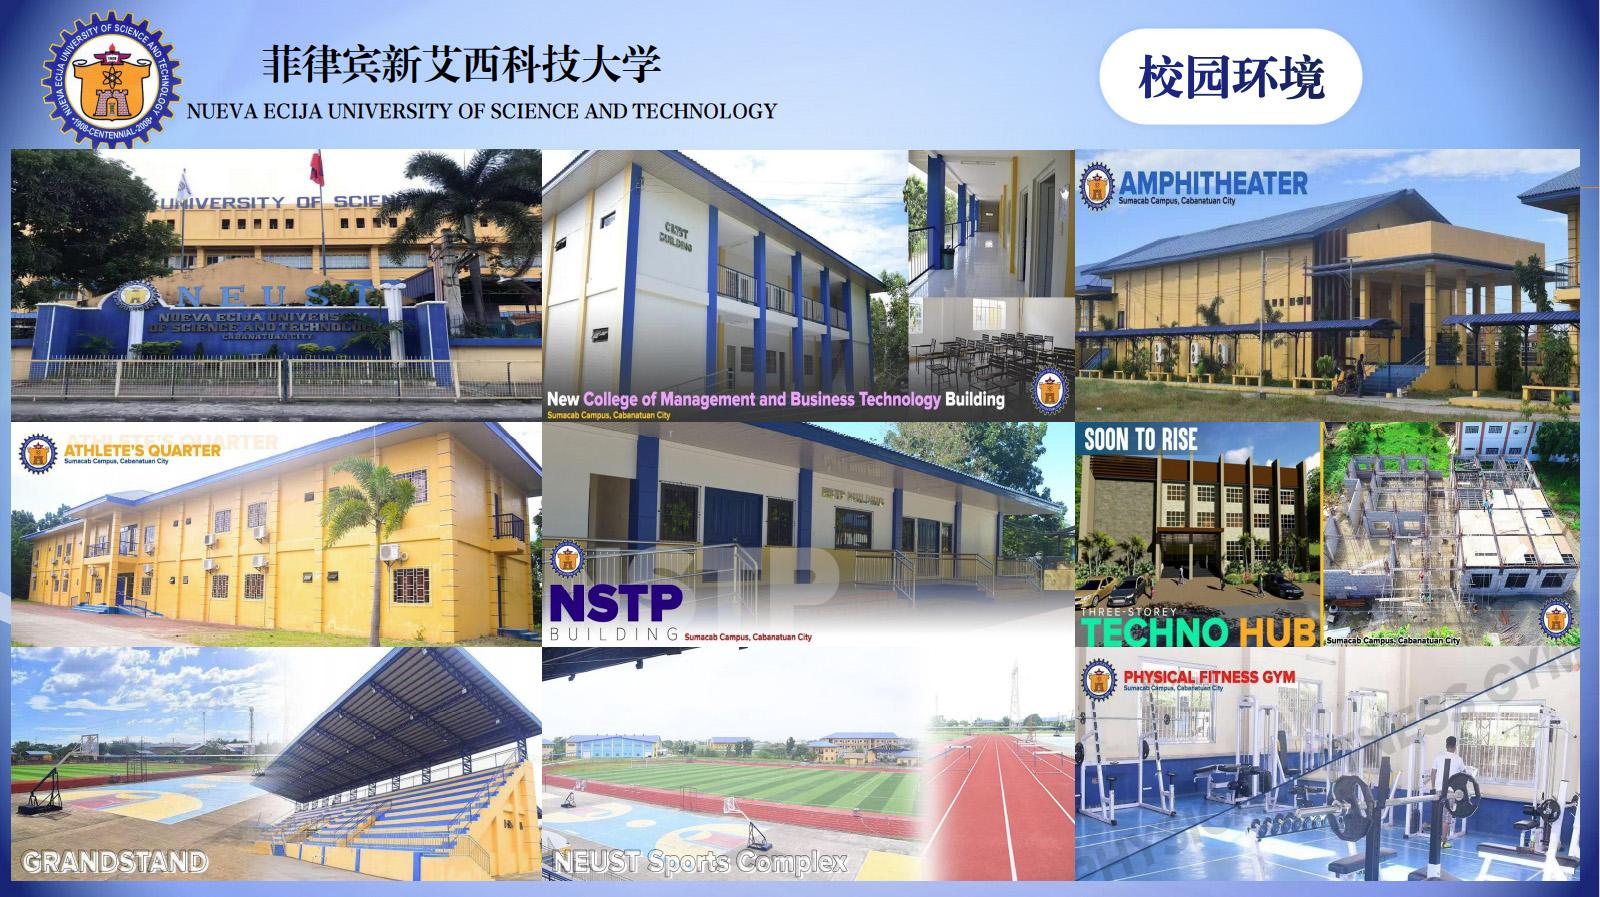 菲律宾新艾西科技大学-校园环境